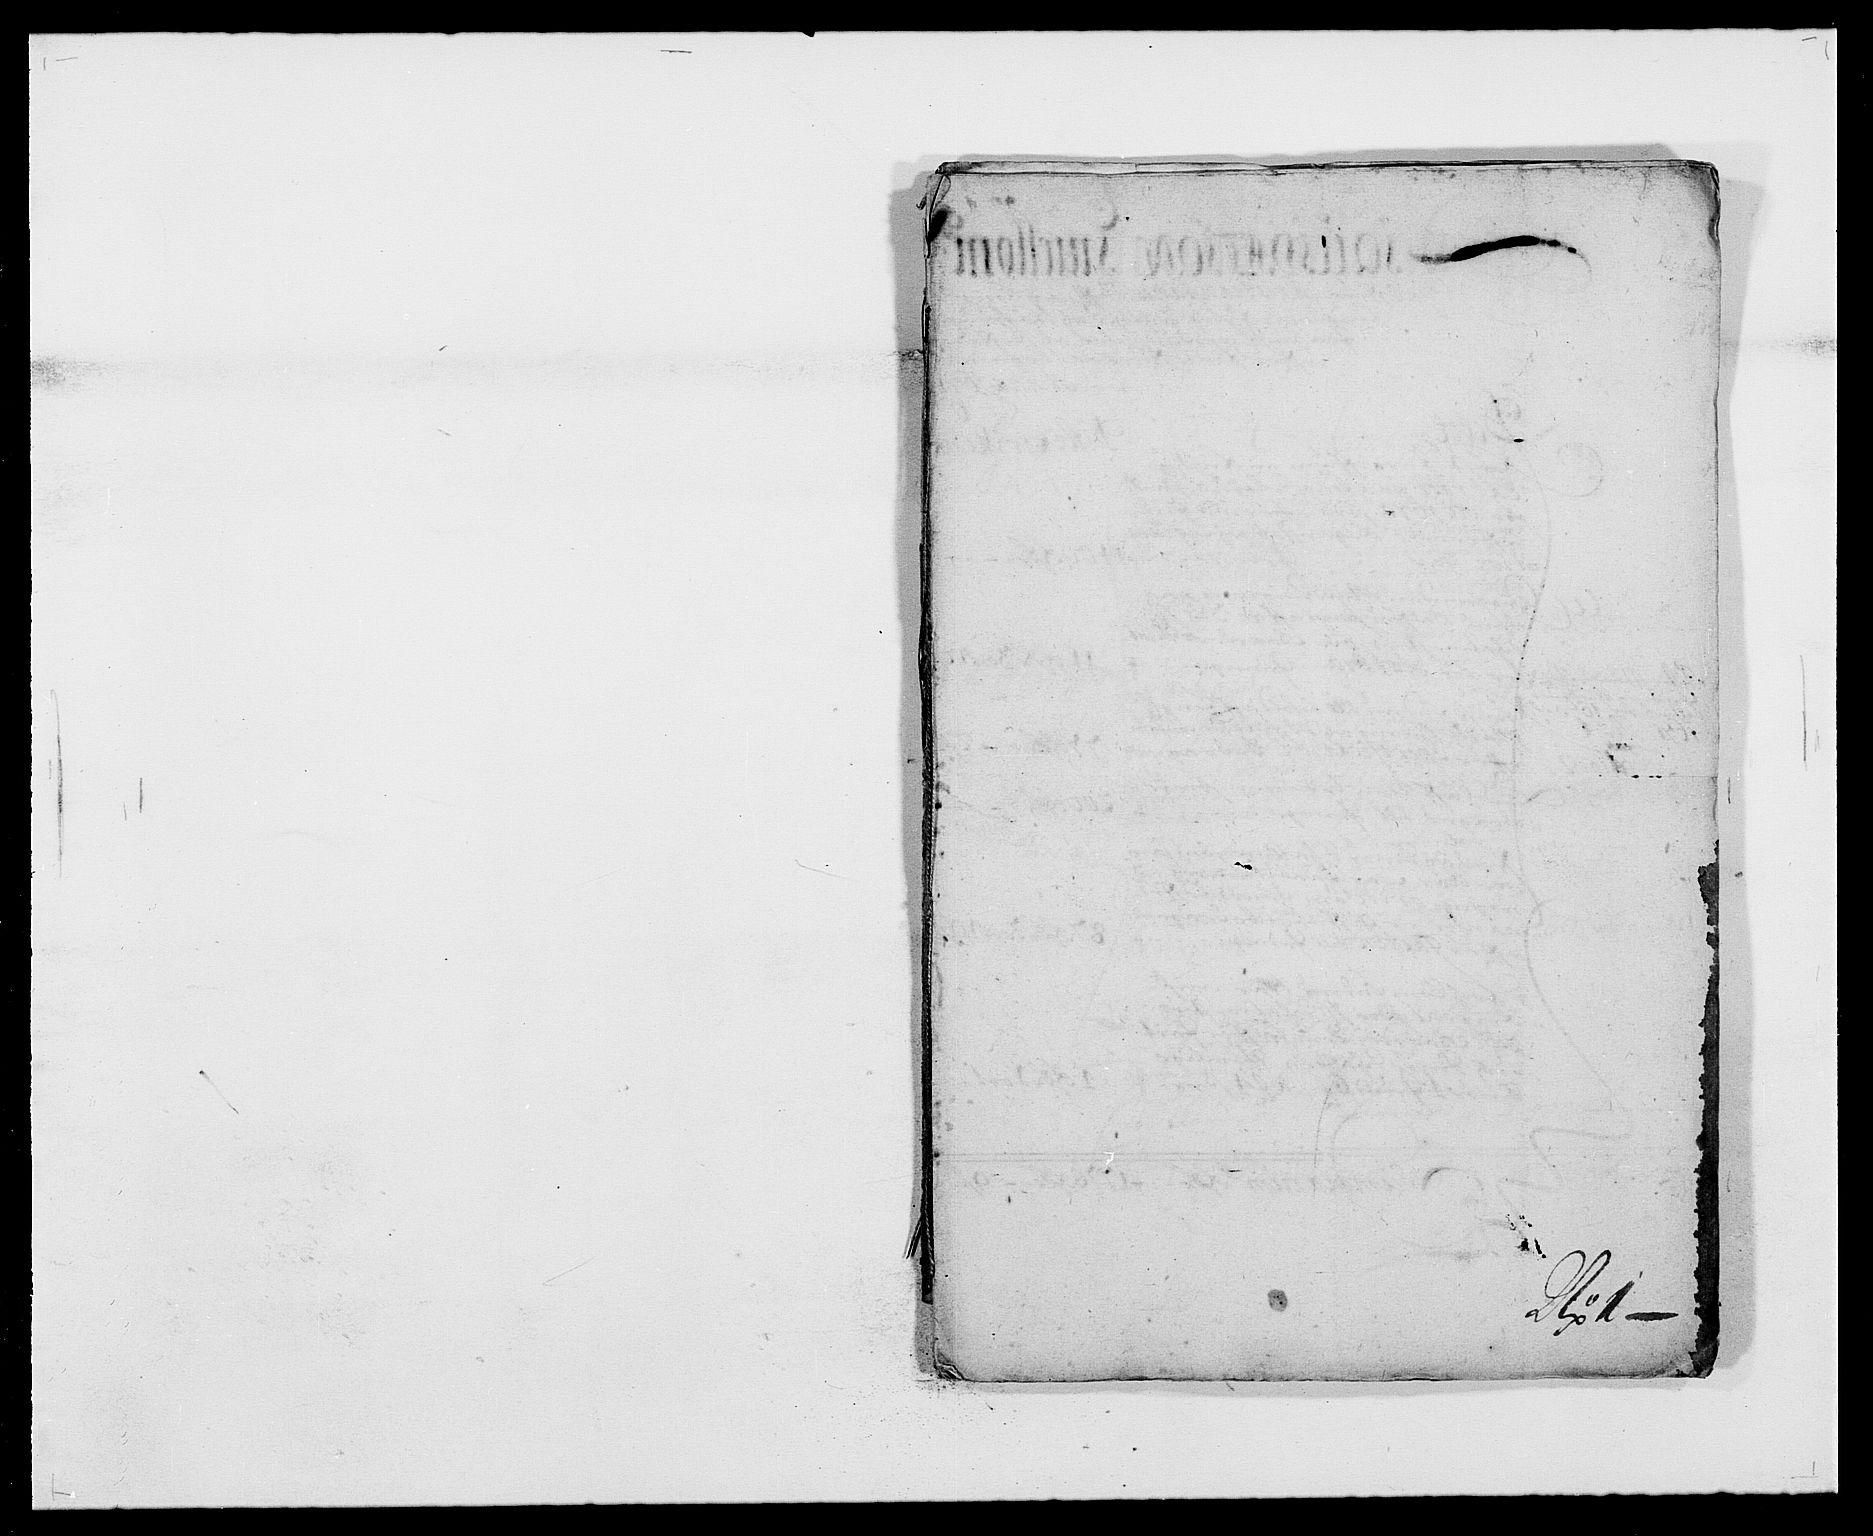 RA, Rentekammeret inntil 1814, Reviderte regnskaper, Fogderegnskap, R46/L2713: Fogderegnskap Jæren og Dalane, 1671-1672, s. 180